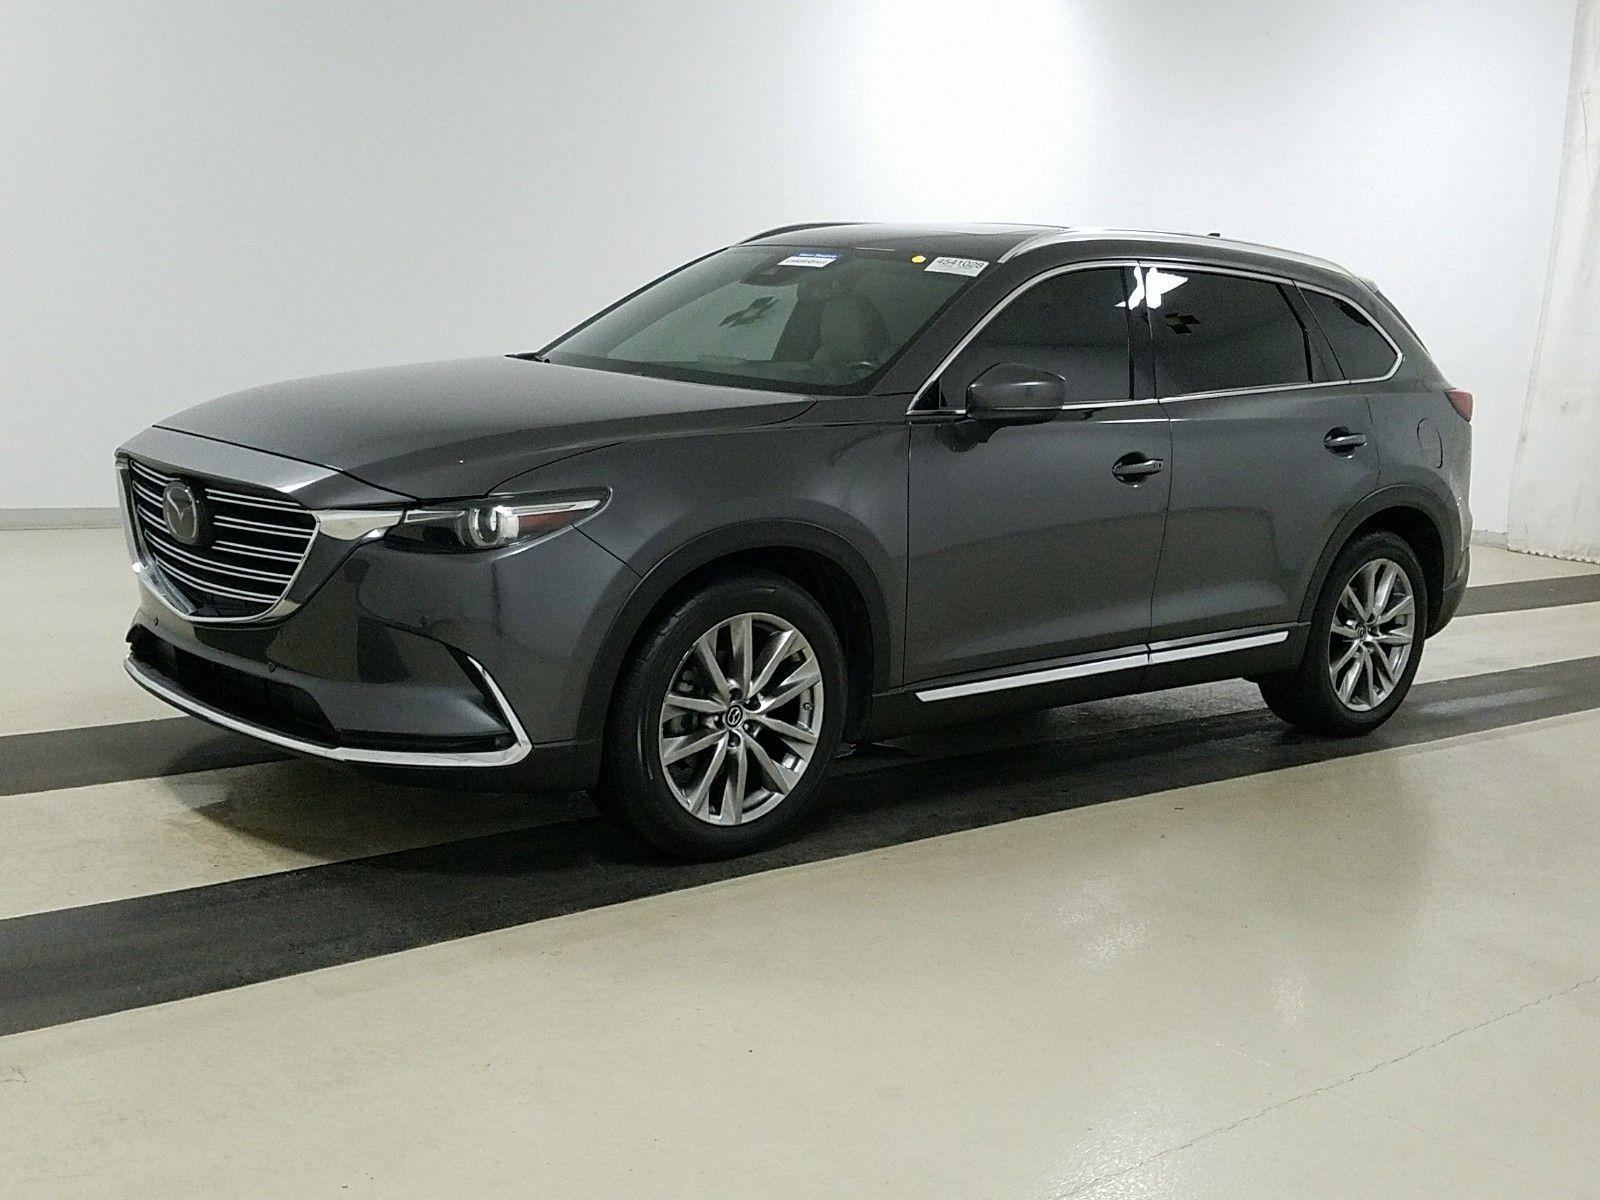 2018 Mazda Cx-9 2.5. Lot 99915986650 Vin JM3TCADY5J0211665